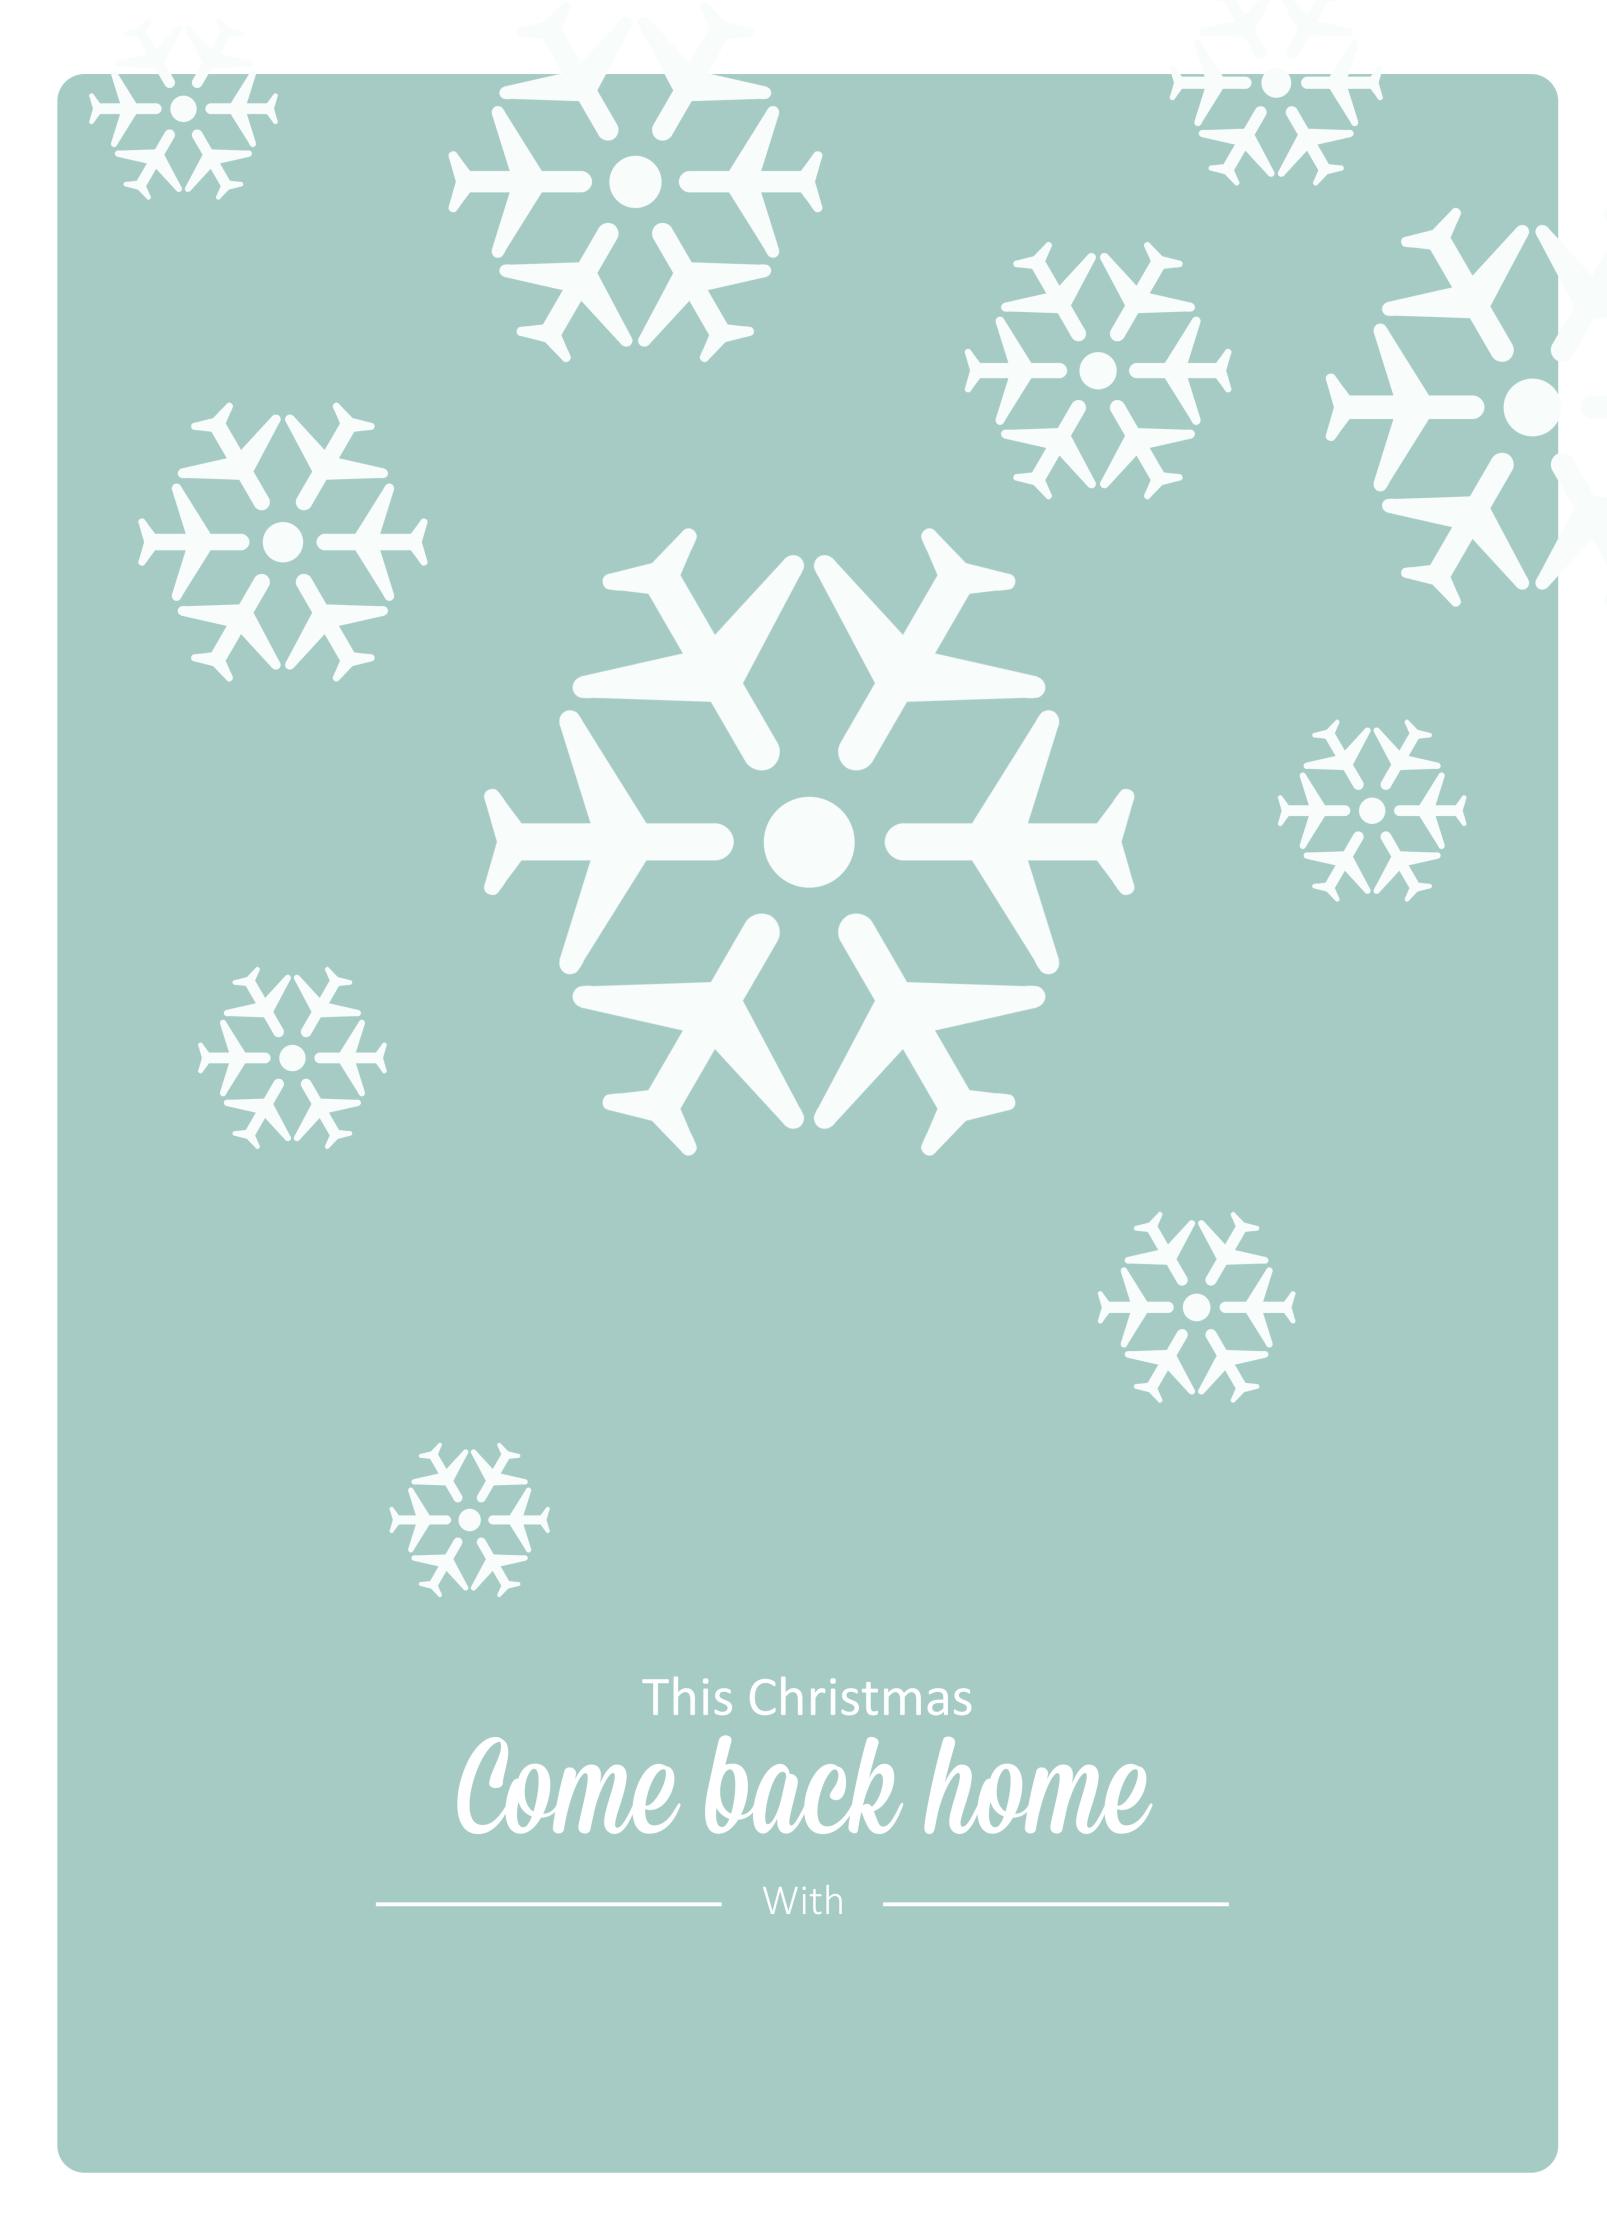 This Christmas Come Back Home.jpg